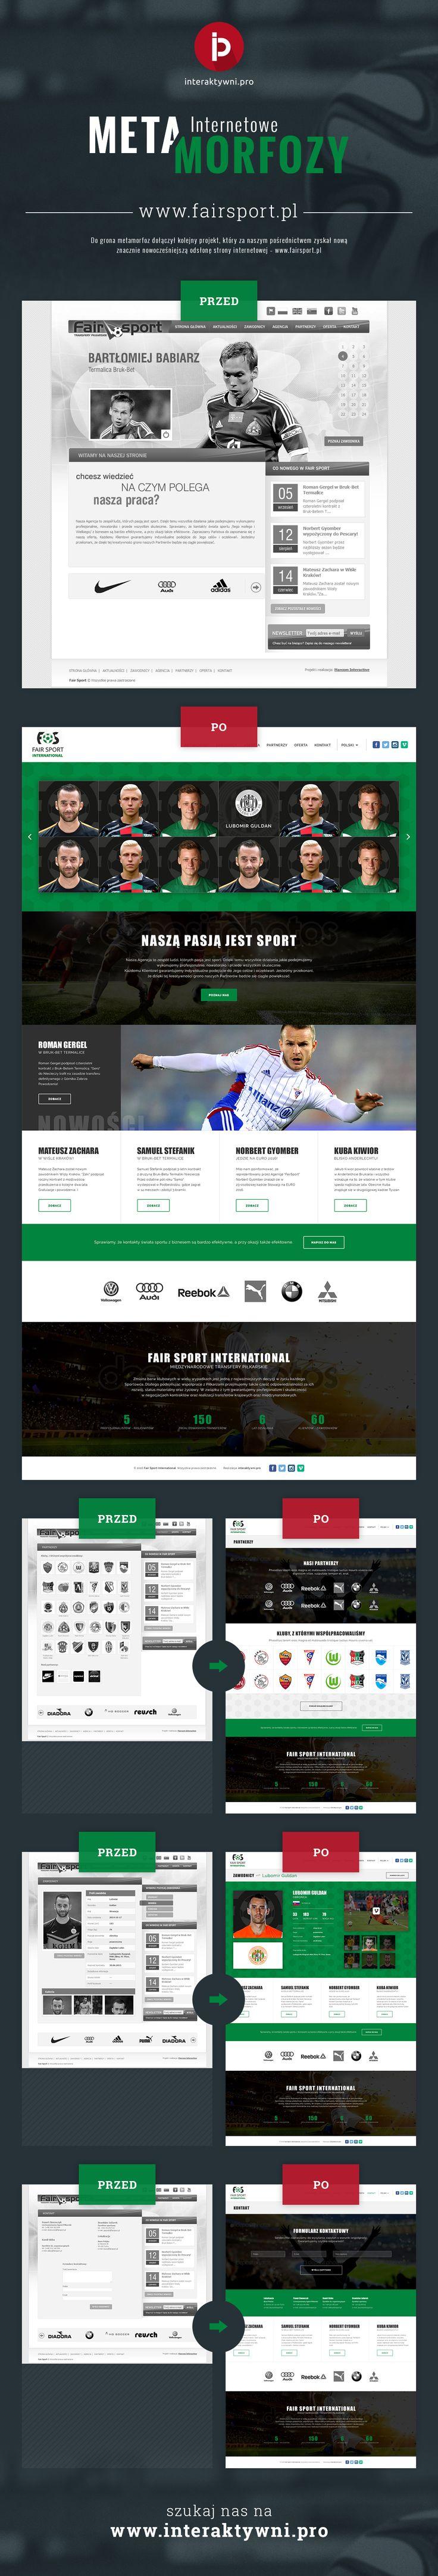 Oto jak przemieniamy internety ze starej w nowątechologię RWD. Dla agencji sportowej Fairsport (www.fairsport.pl) stworzyliśmy nową, responsywną stronę internetową. ----- /// ----- Here's how we change the internet into more mobile-friendly. One of our client's new website www.fairsport.pl and his responsive website. #webdesign #digitaldesign @#rwd #digitalart #digitalagency #interaktywni